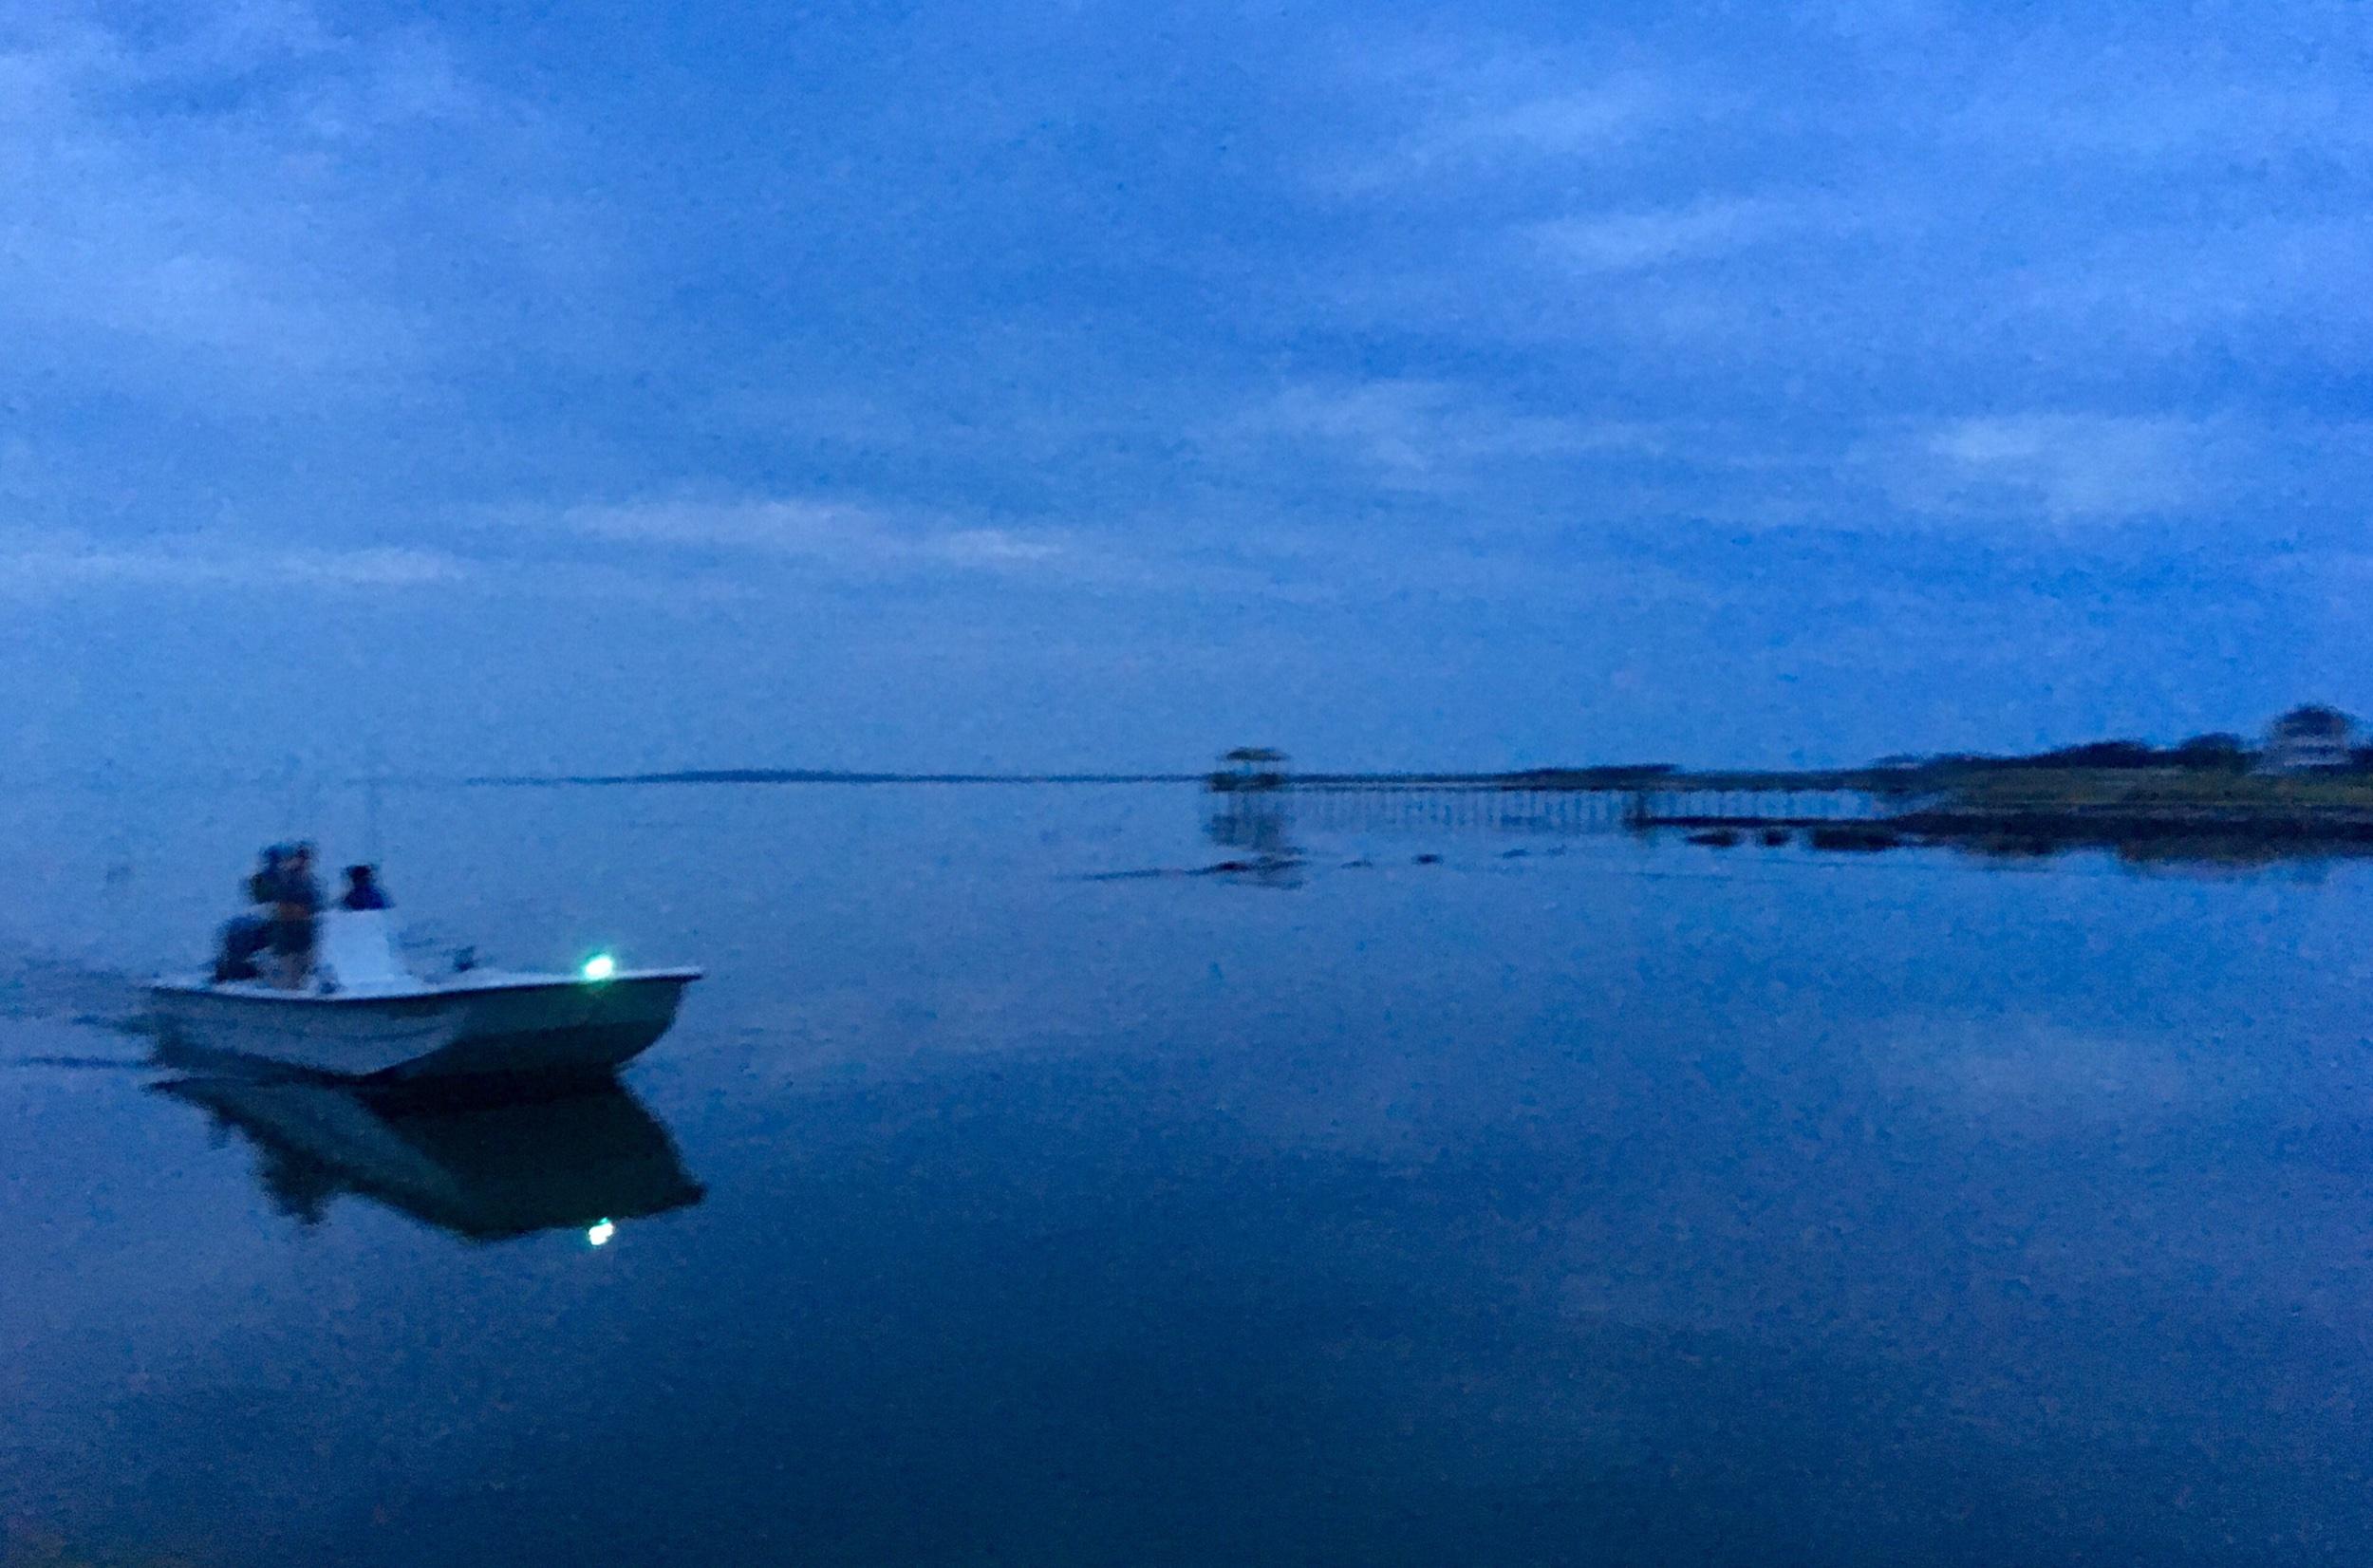 Ocracoke Island, June 2019